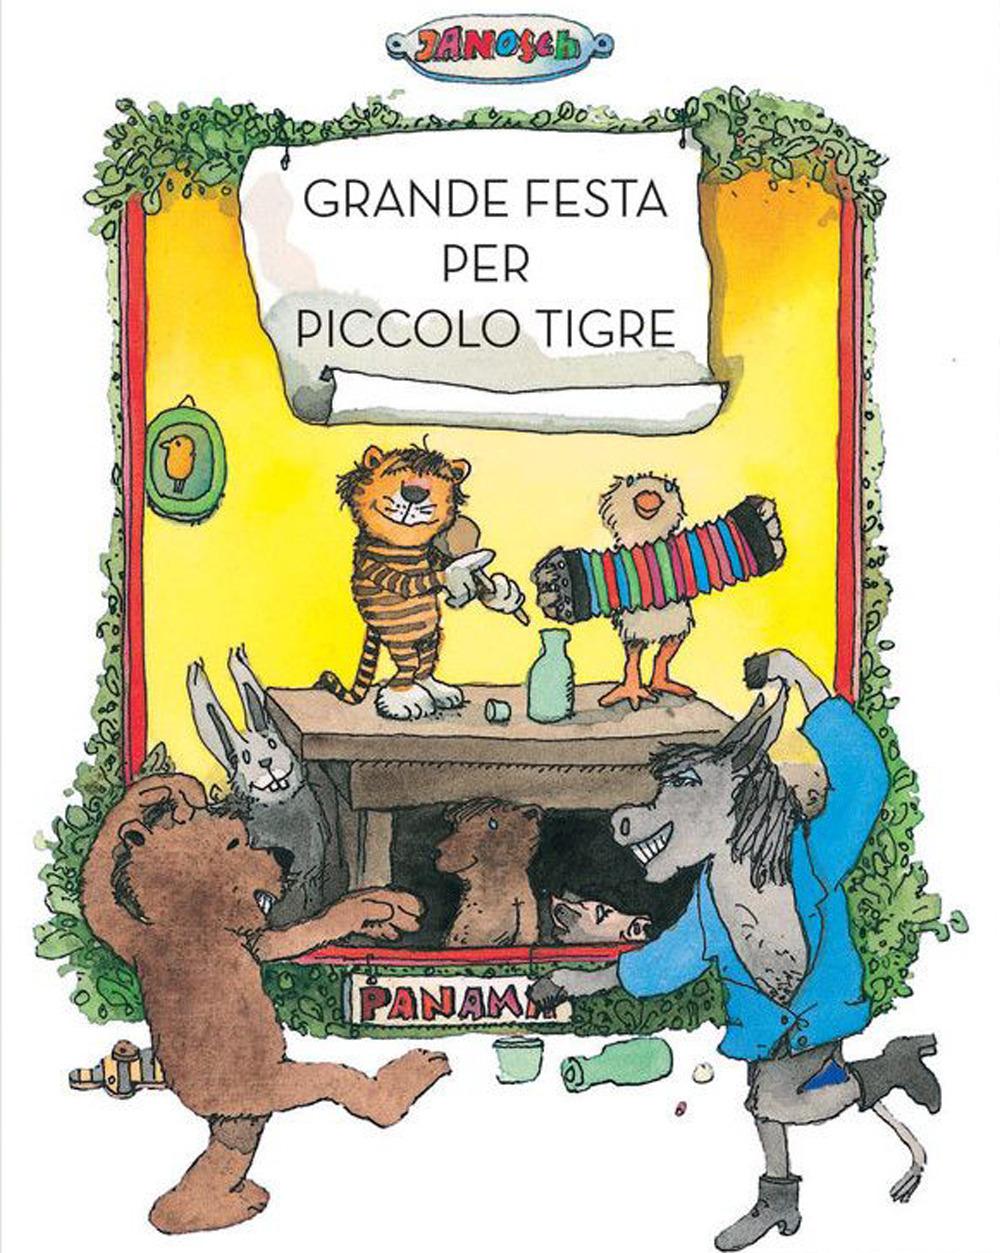 Grande festa per piccolo tigre